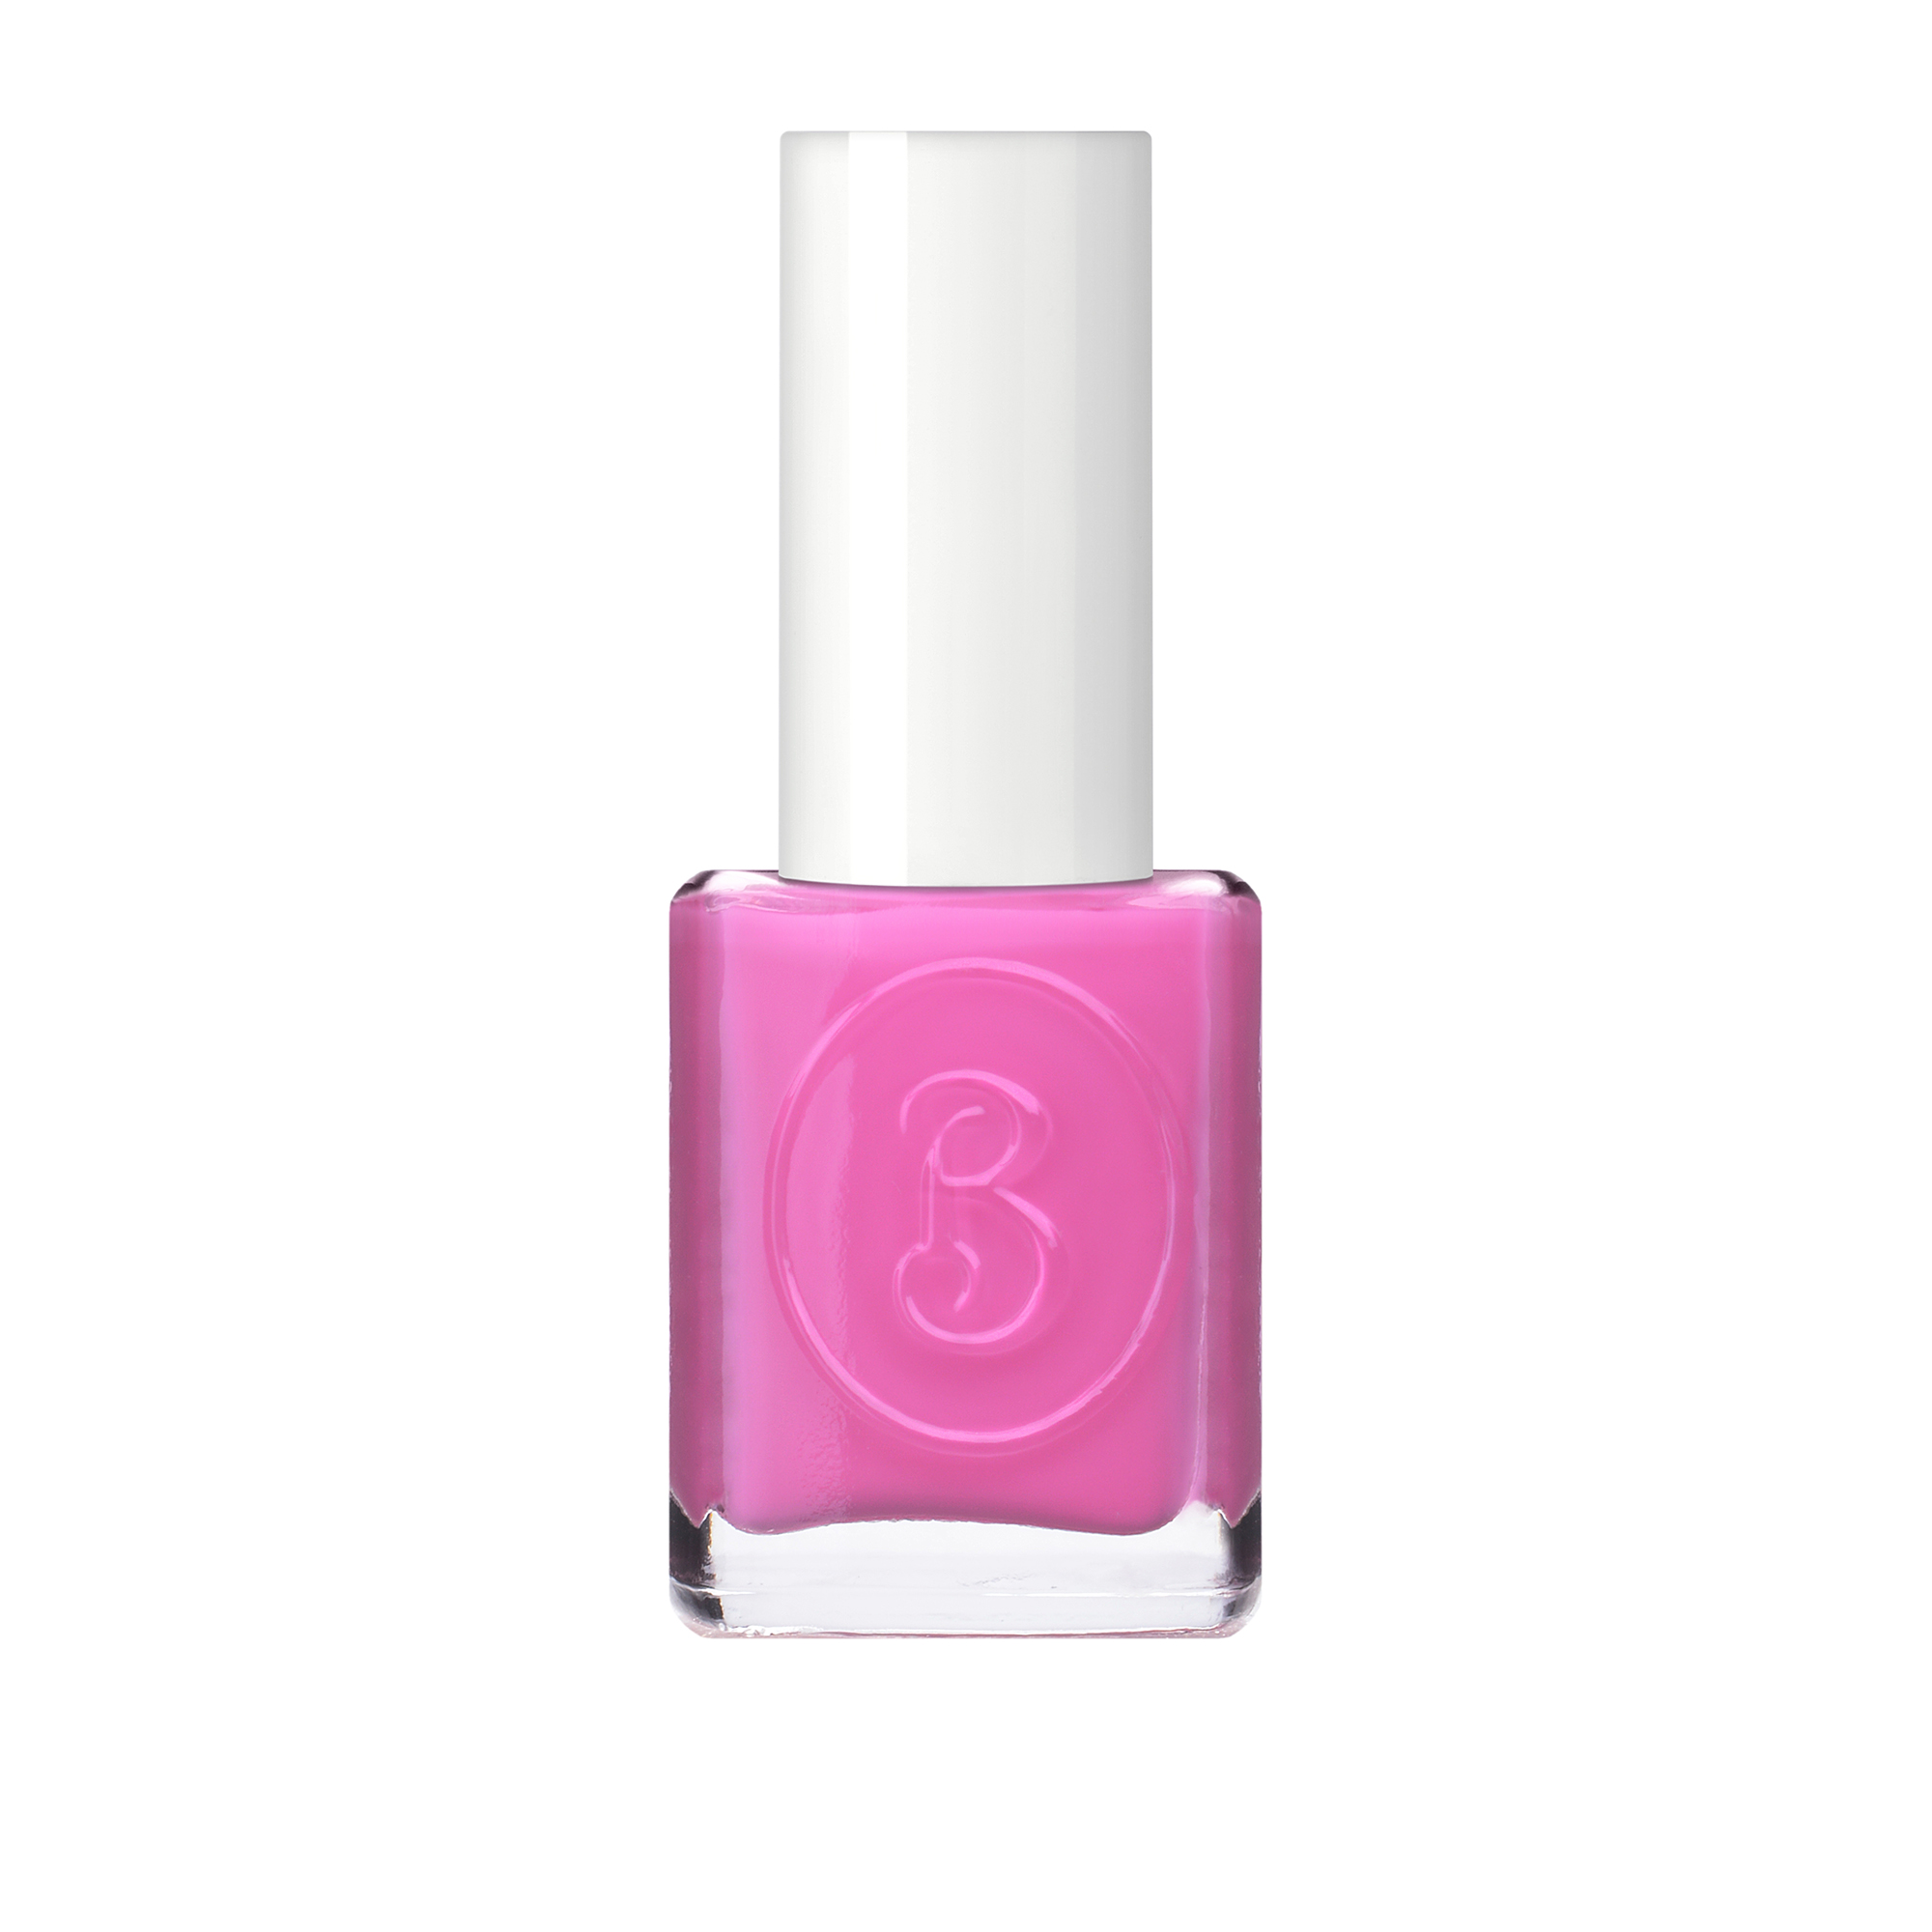 BERENICE Лак для ногтей розовое мороженное тон 15 pink ice cream / BERENICE 16 млЛаки<br>Революционное открытие в области красоты ногтей на основе высоких швейцарских технологий    дышащий  лак для ногтей марки BERENICE. Он не оставит равнодушными ни мастеров маникюра, ни их клиентов. Этот лак содержит кислородный комплекс, который обеспечивает основное свойство лака   проницаемость воздуха и паров влаги в ноготь. Двойной пластификатор, содержащийся в составе, делает покрытие более гибким, продлевает стойкость маникюра, защищая от сколов и повреждений. Лак равномерно наносится и быстро сохнет. Профессиональная плоская кисточка обеспечивает идеальное прилегание к поверхности ногтя и нанесение лака.&amp;nbsp; Кислородный лак BERENICE   это здоровая альтернатива, традиционным лакам, блокирующим прохождение кислорода и влаги в ноготь. Система 5 free, в составе отсутствуют вредные компоненты такие как толуол, ДБП, формальдегидные смолы, фталаты и камфора.&amp;nbsp; Активные ингредиенты: смолы нового поколения, UV-фильтры<br><br>Цвет: Розовые